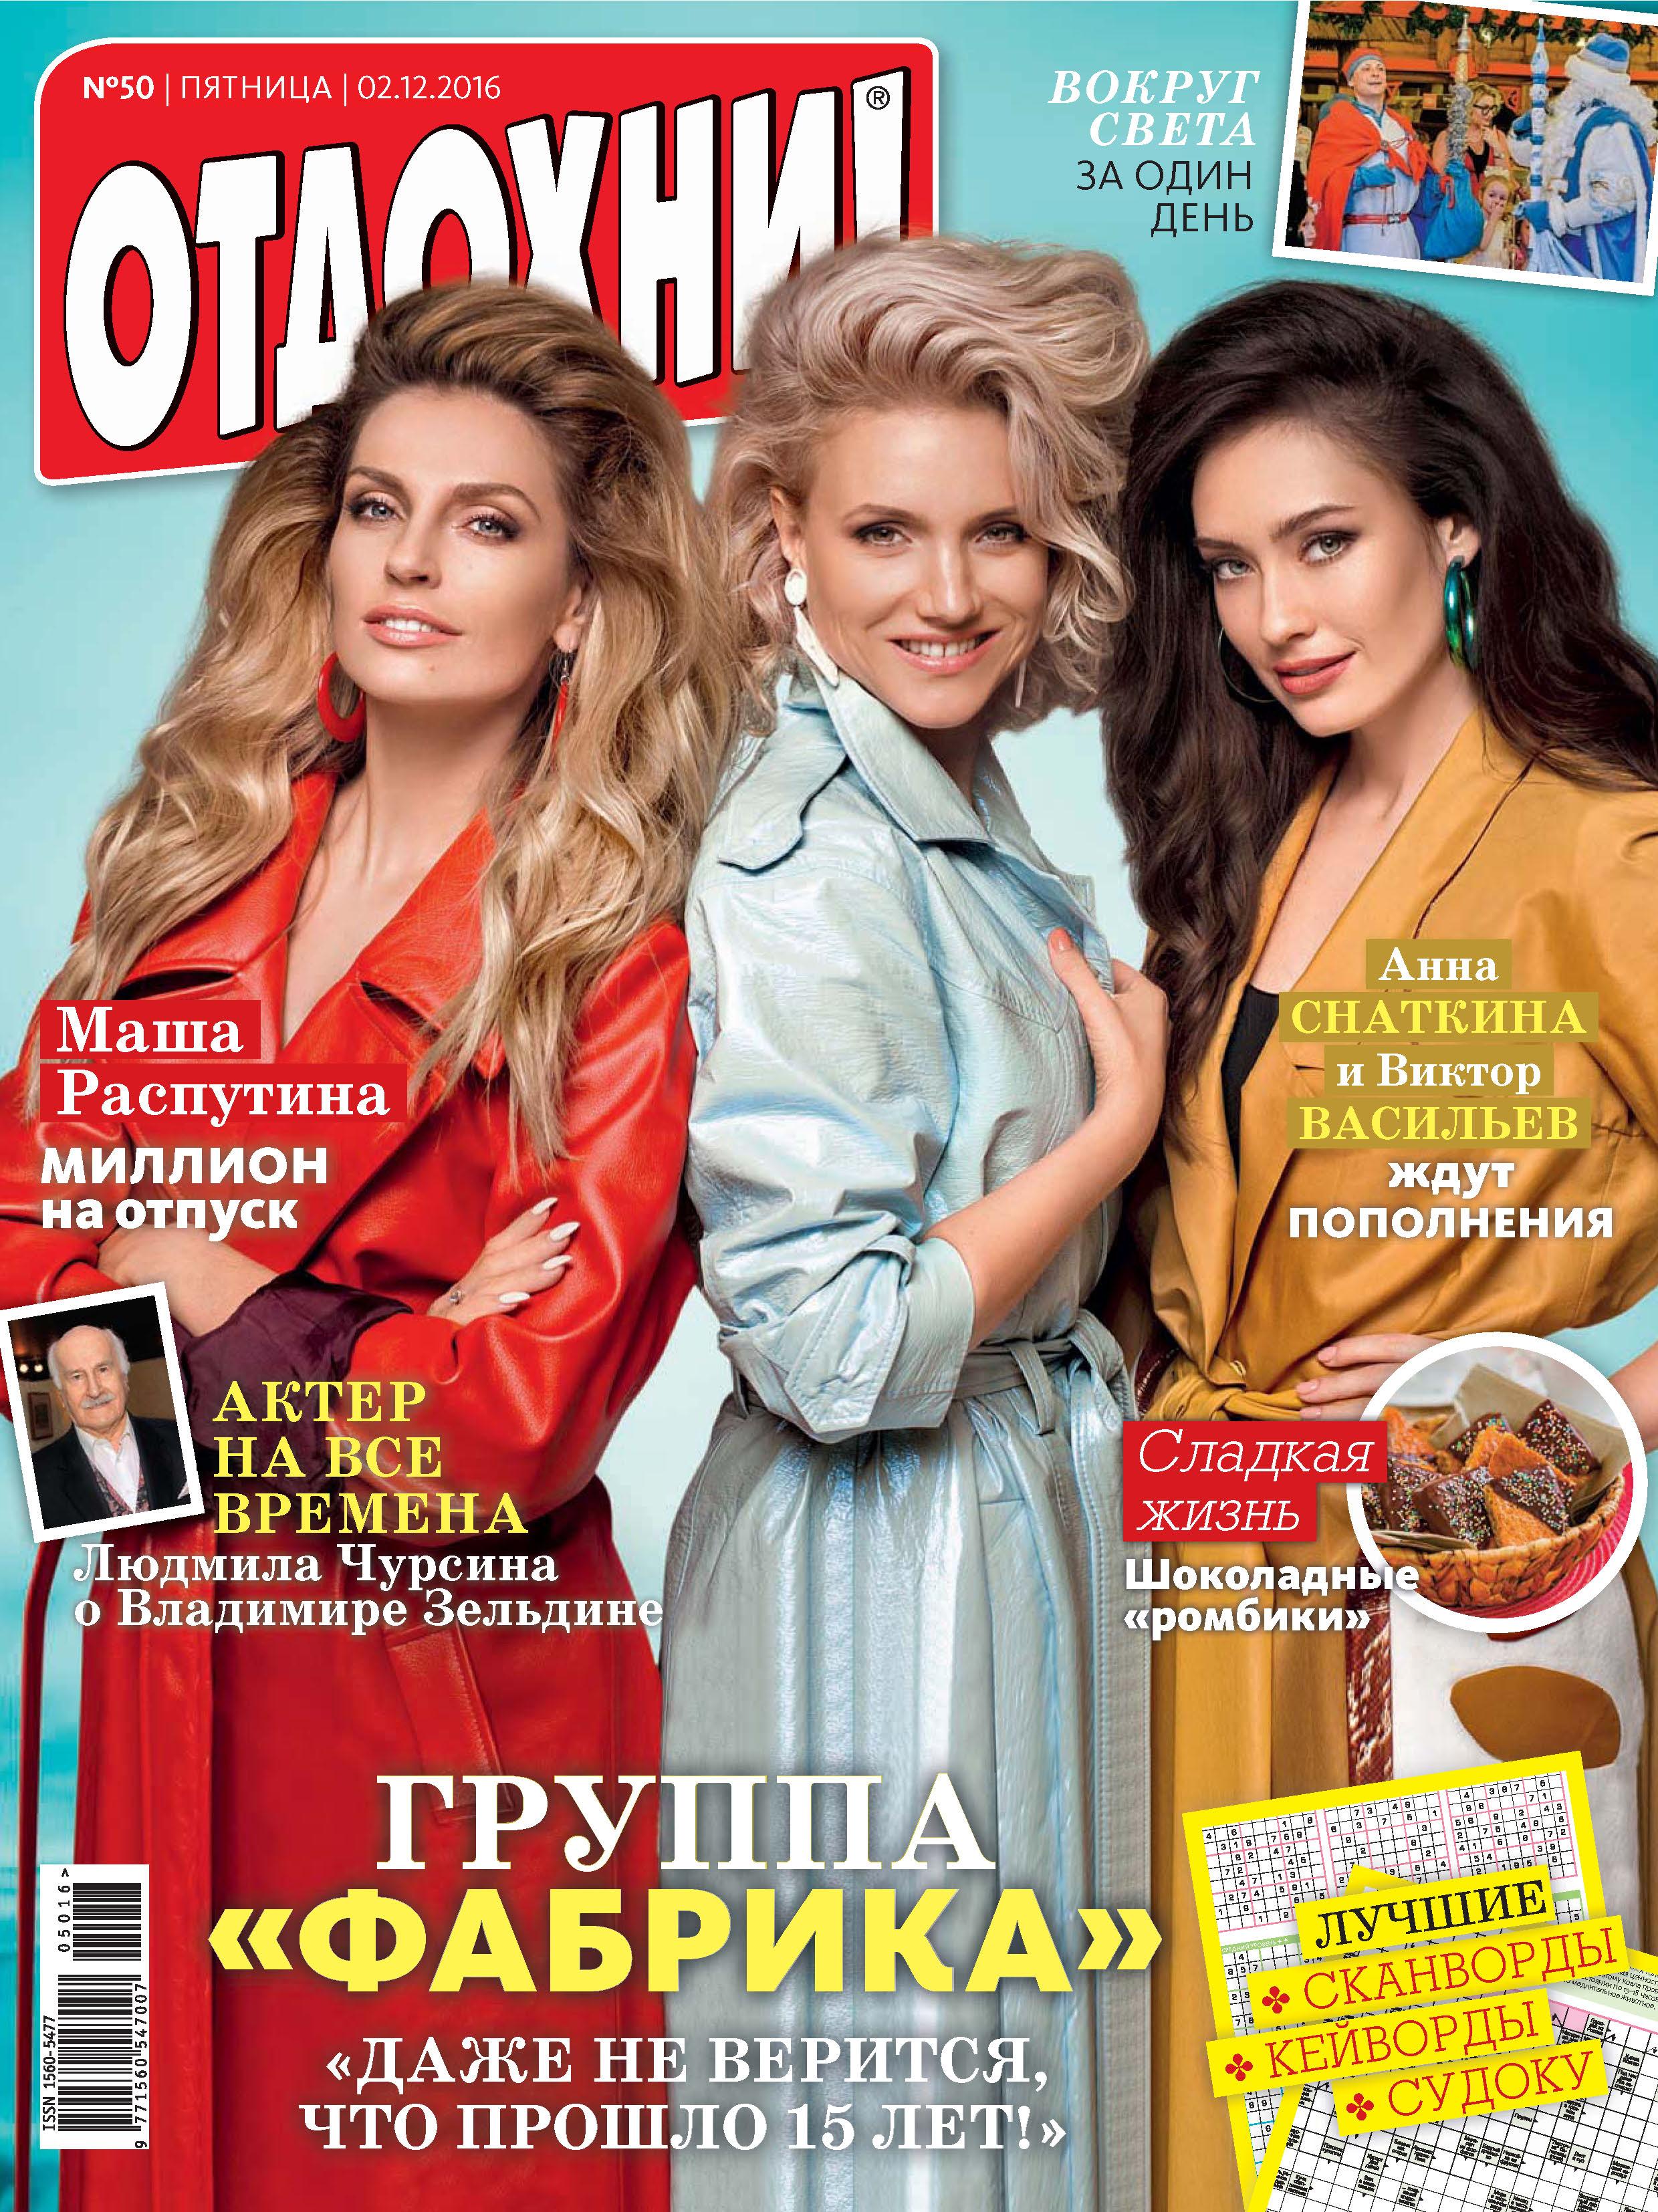 ИД «Бурда» Журнал «Отдохни!» №50/2016 ид бурда quattroruote 04 2016